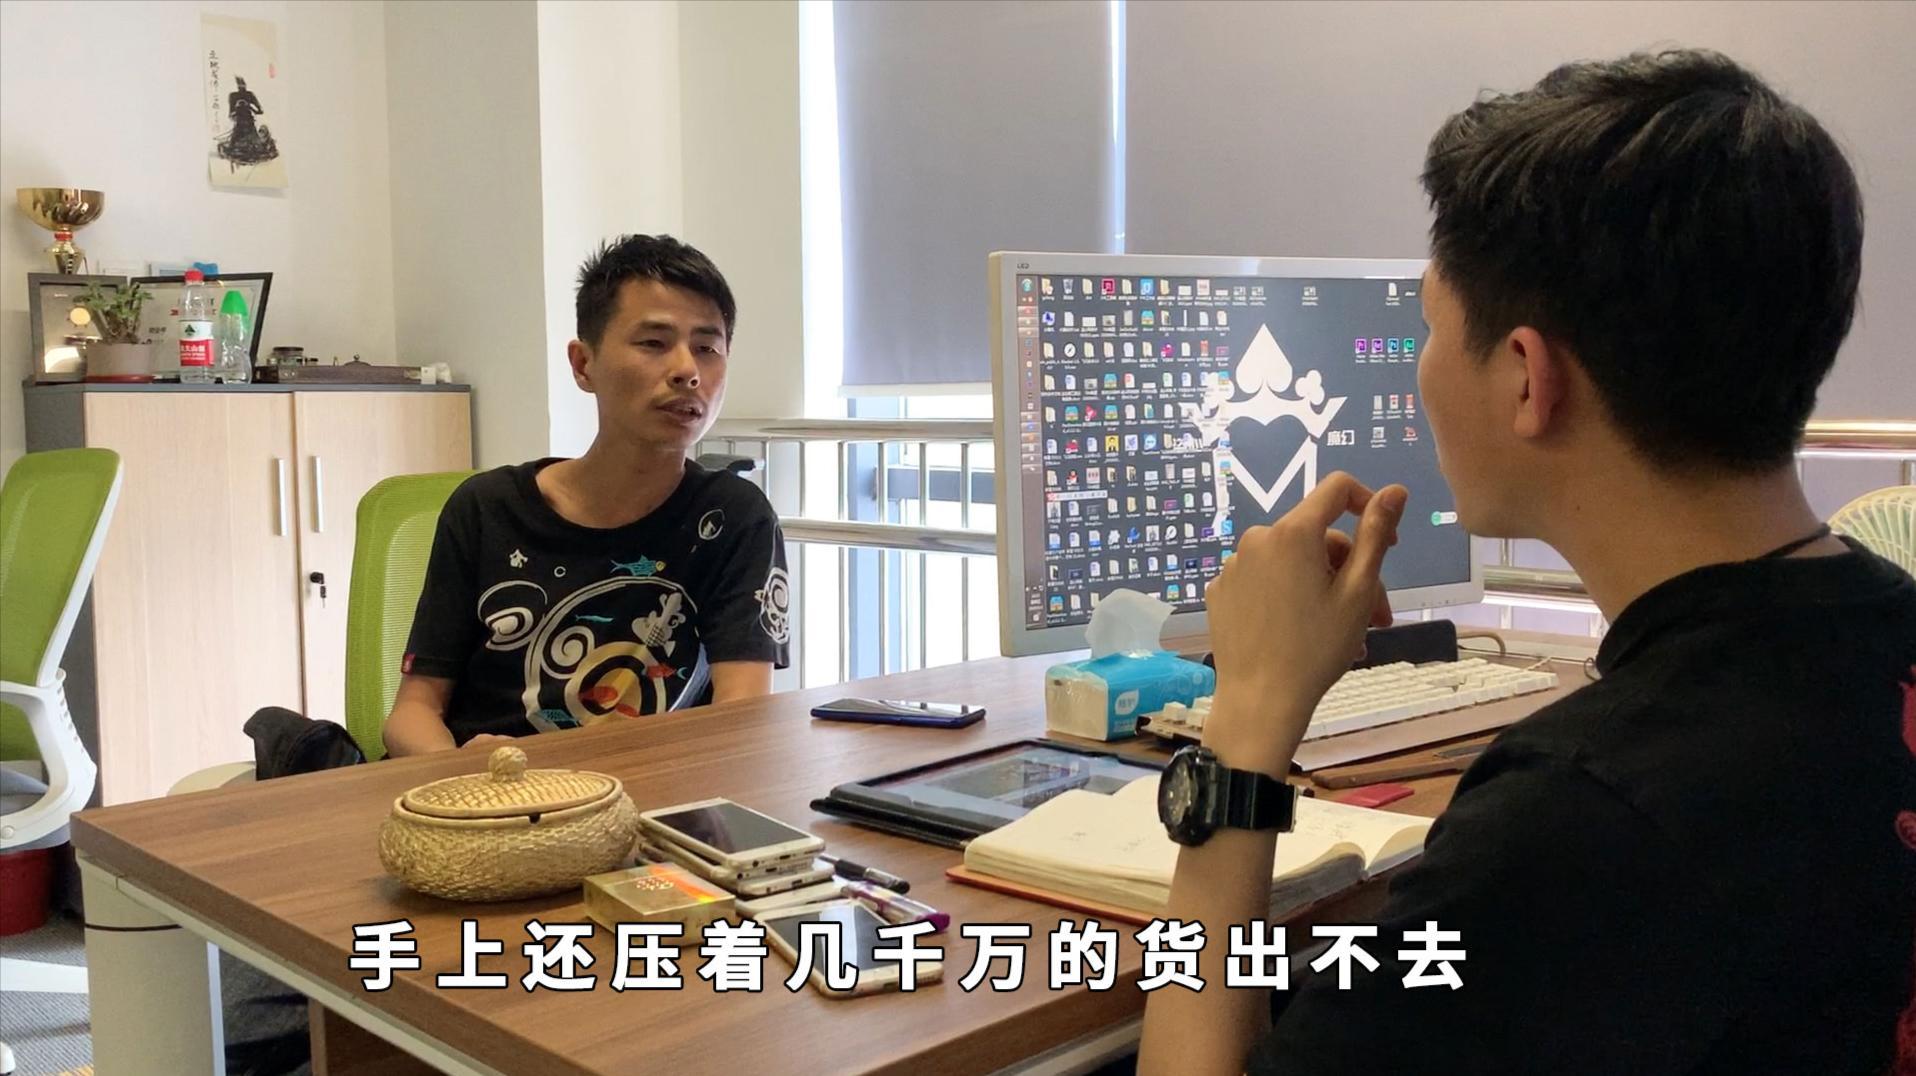 大龙招待80后浙江老板,百万资产线下转行短视频,能合作吗?